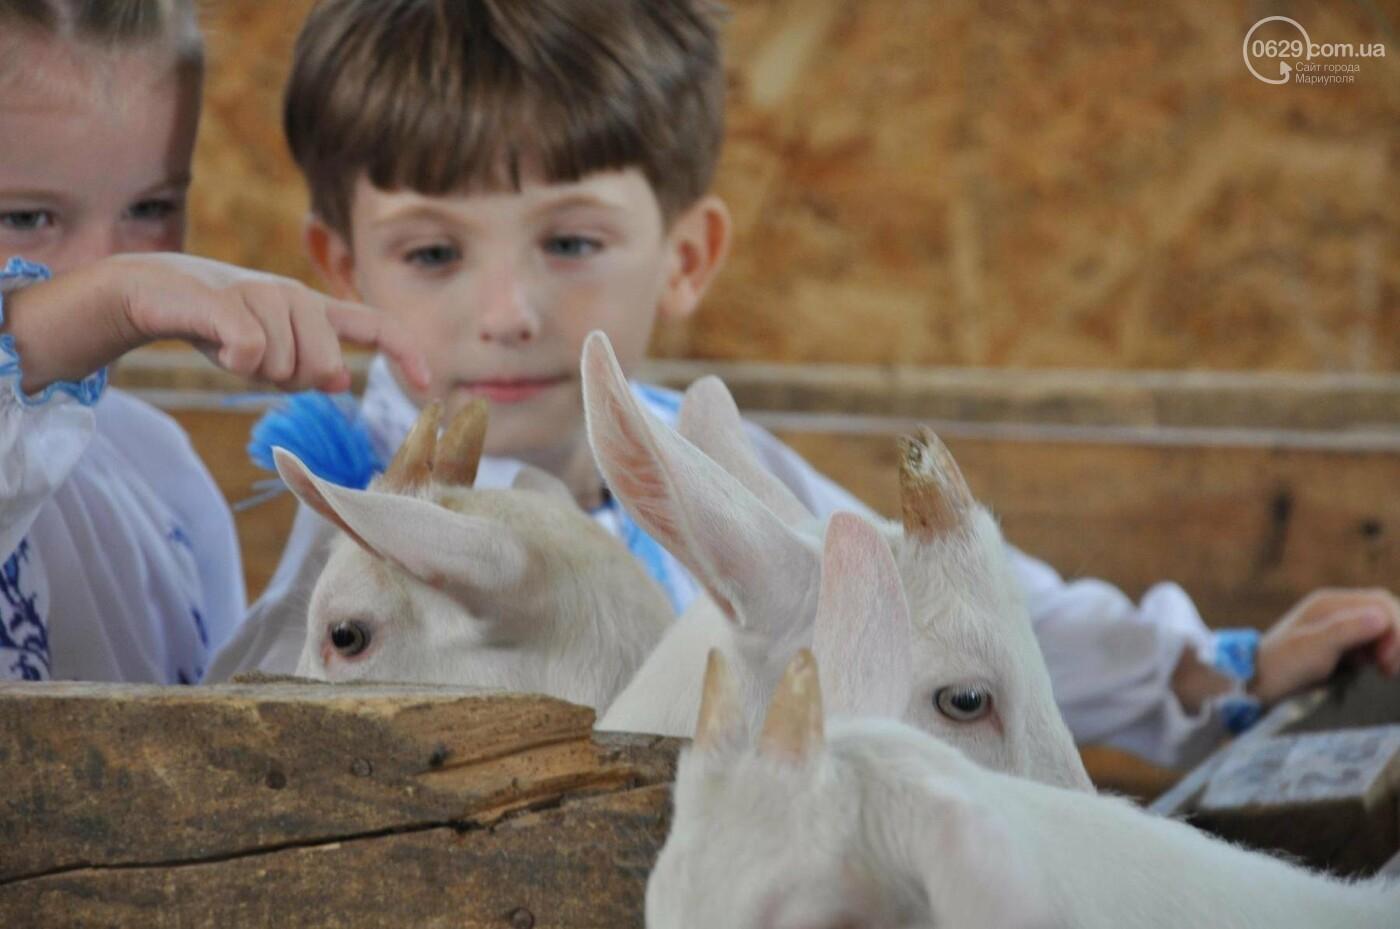 Юрий Тернавский: «Мариупольский молокозавод может напоить молоком каждого жителя Мариуполя и Приазовья», фото-46